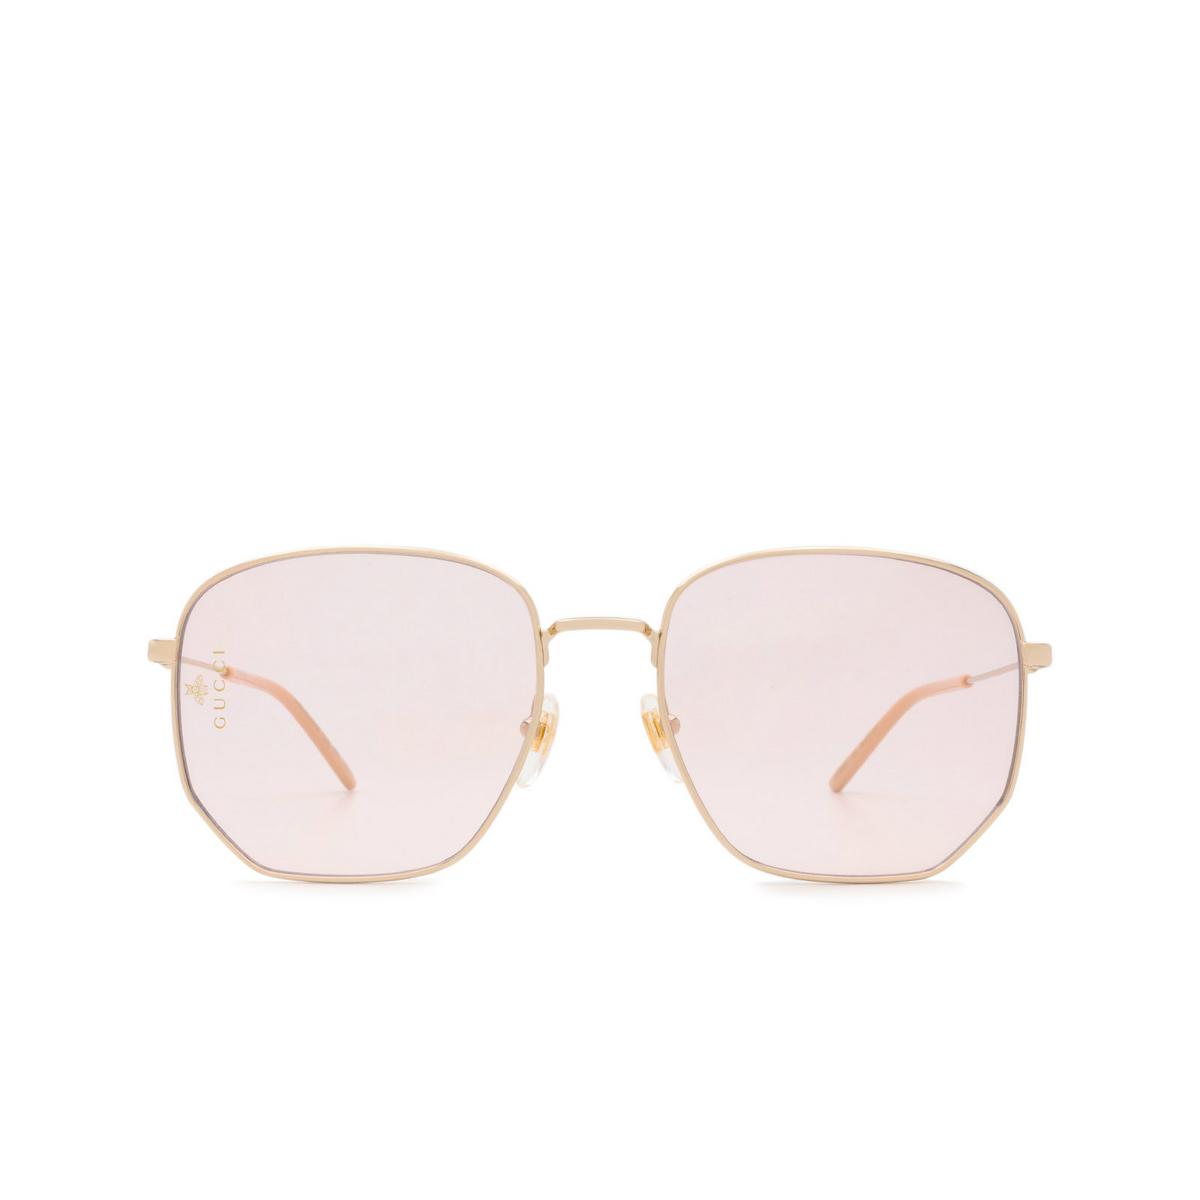 Gucci® Square Sunglasses: GG0396S color Gold 004.